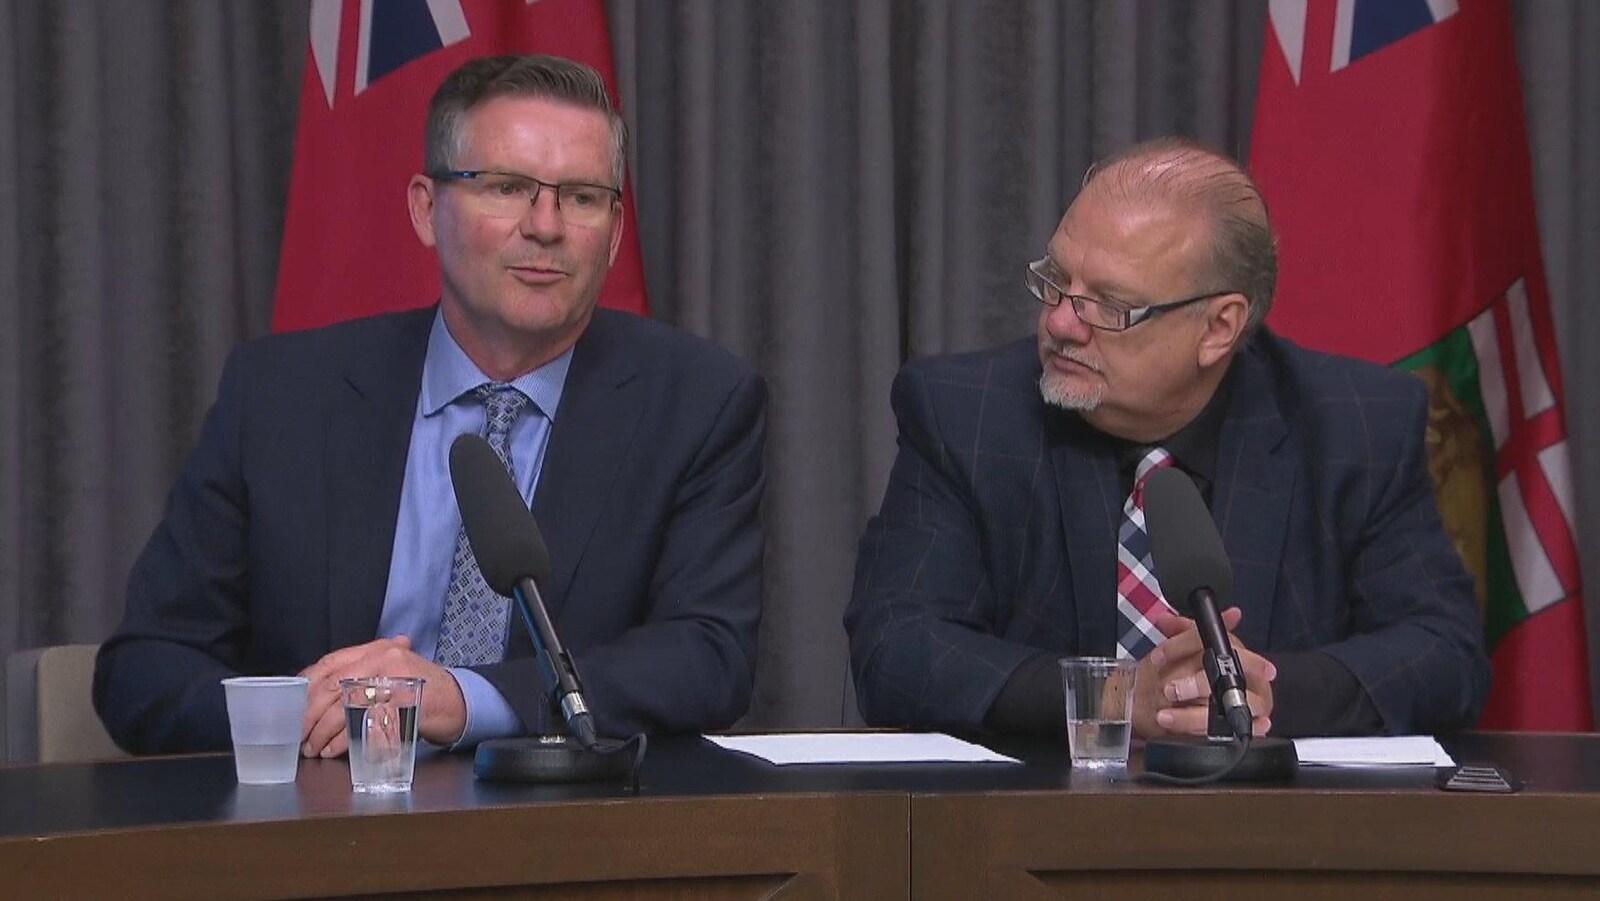 Deux hommes en complet sont assis à une table devant des drapeaux manitobains et ont des microphones devant eux.